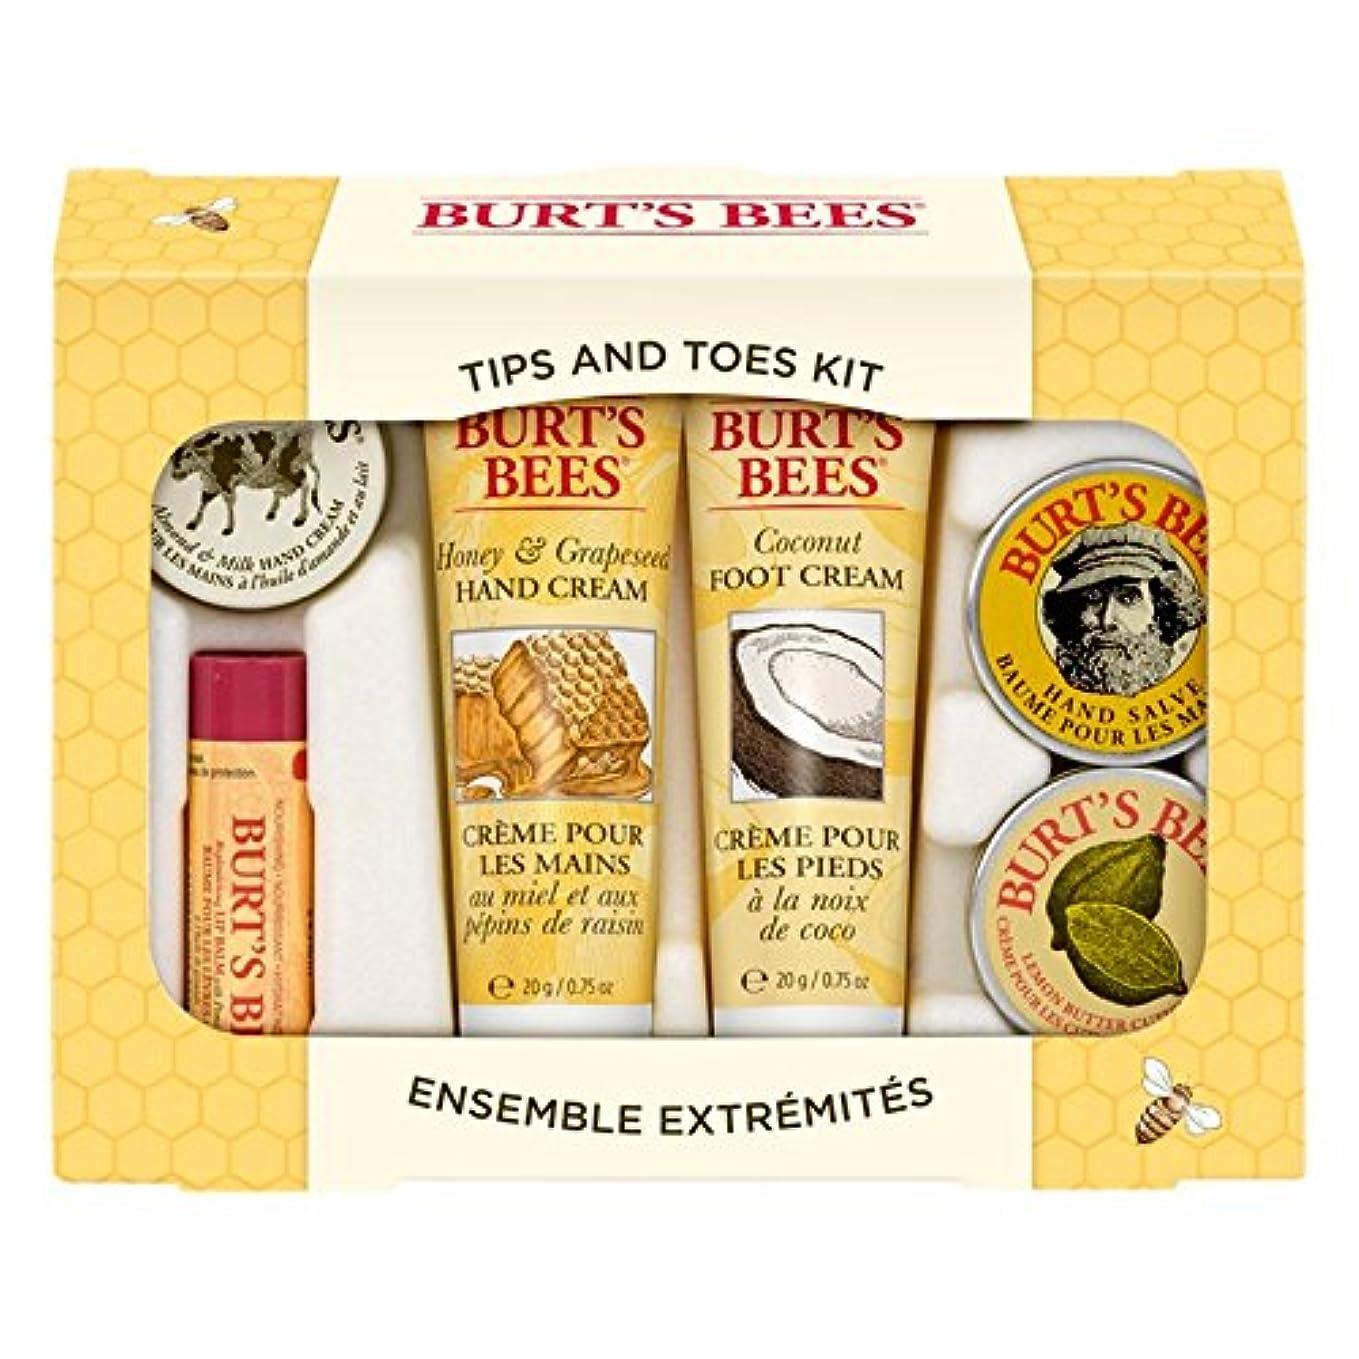 ボリュームピン概してバーツビーのヒントとつま先はスターターキットをスキンケア (Burt's Bees) (x6) - Burt's Bees Tips And Toes Skincare Starter Kit (Pack of 6) [...